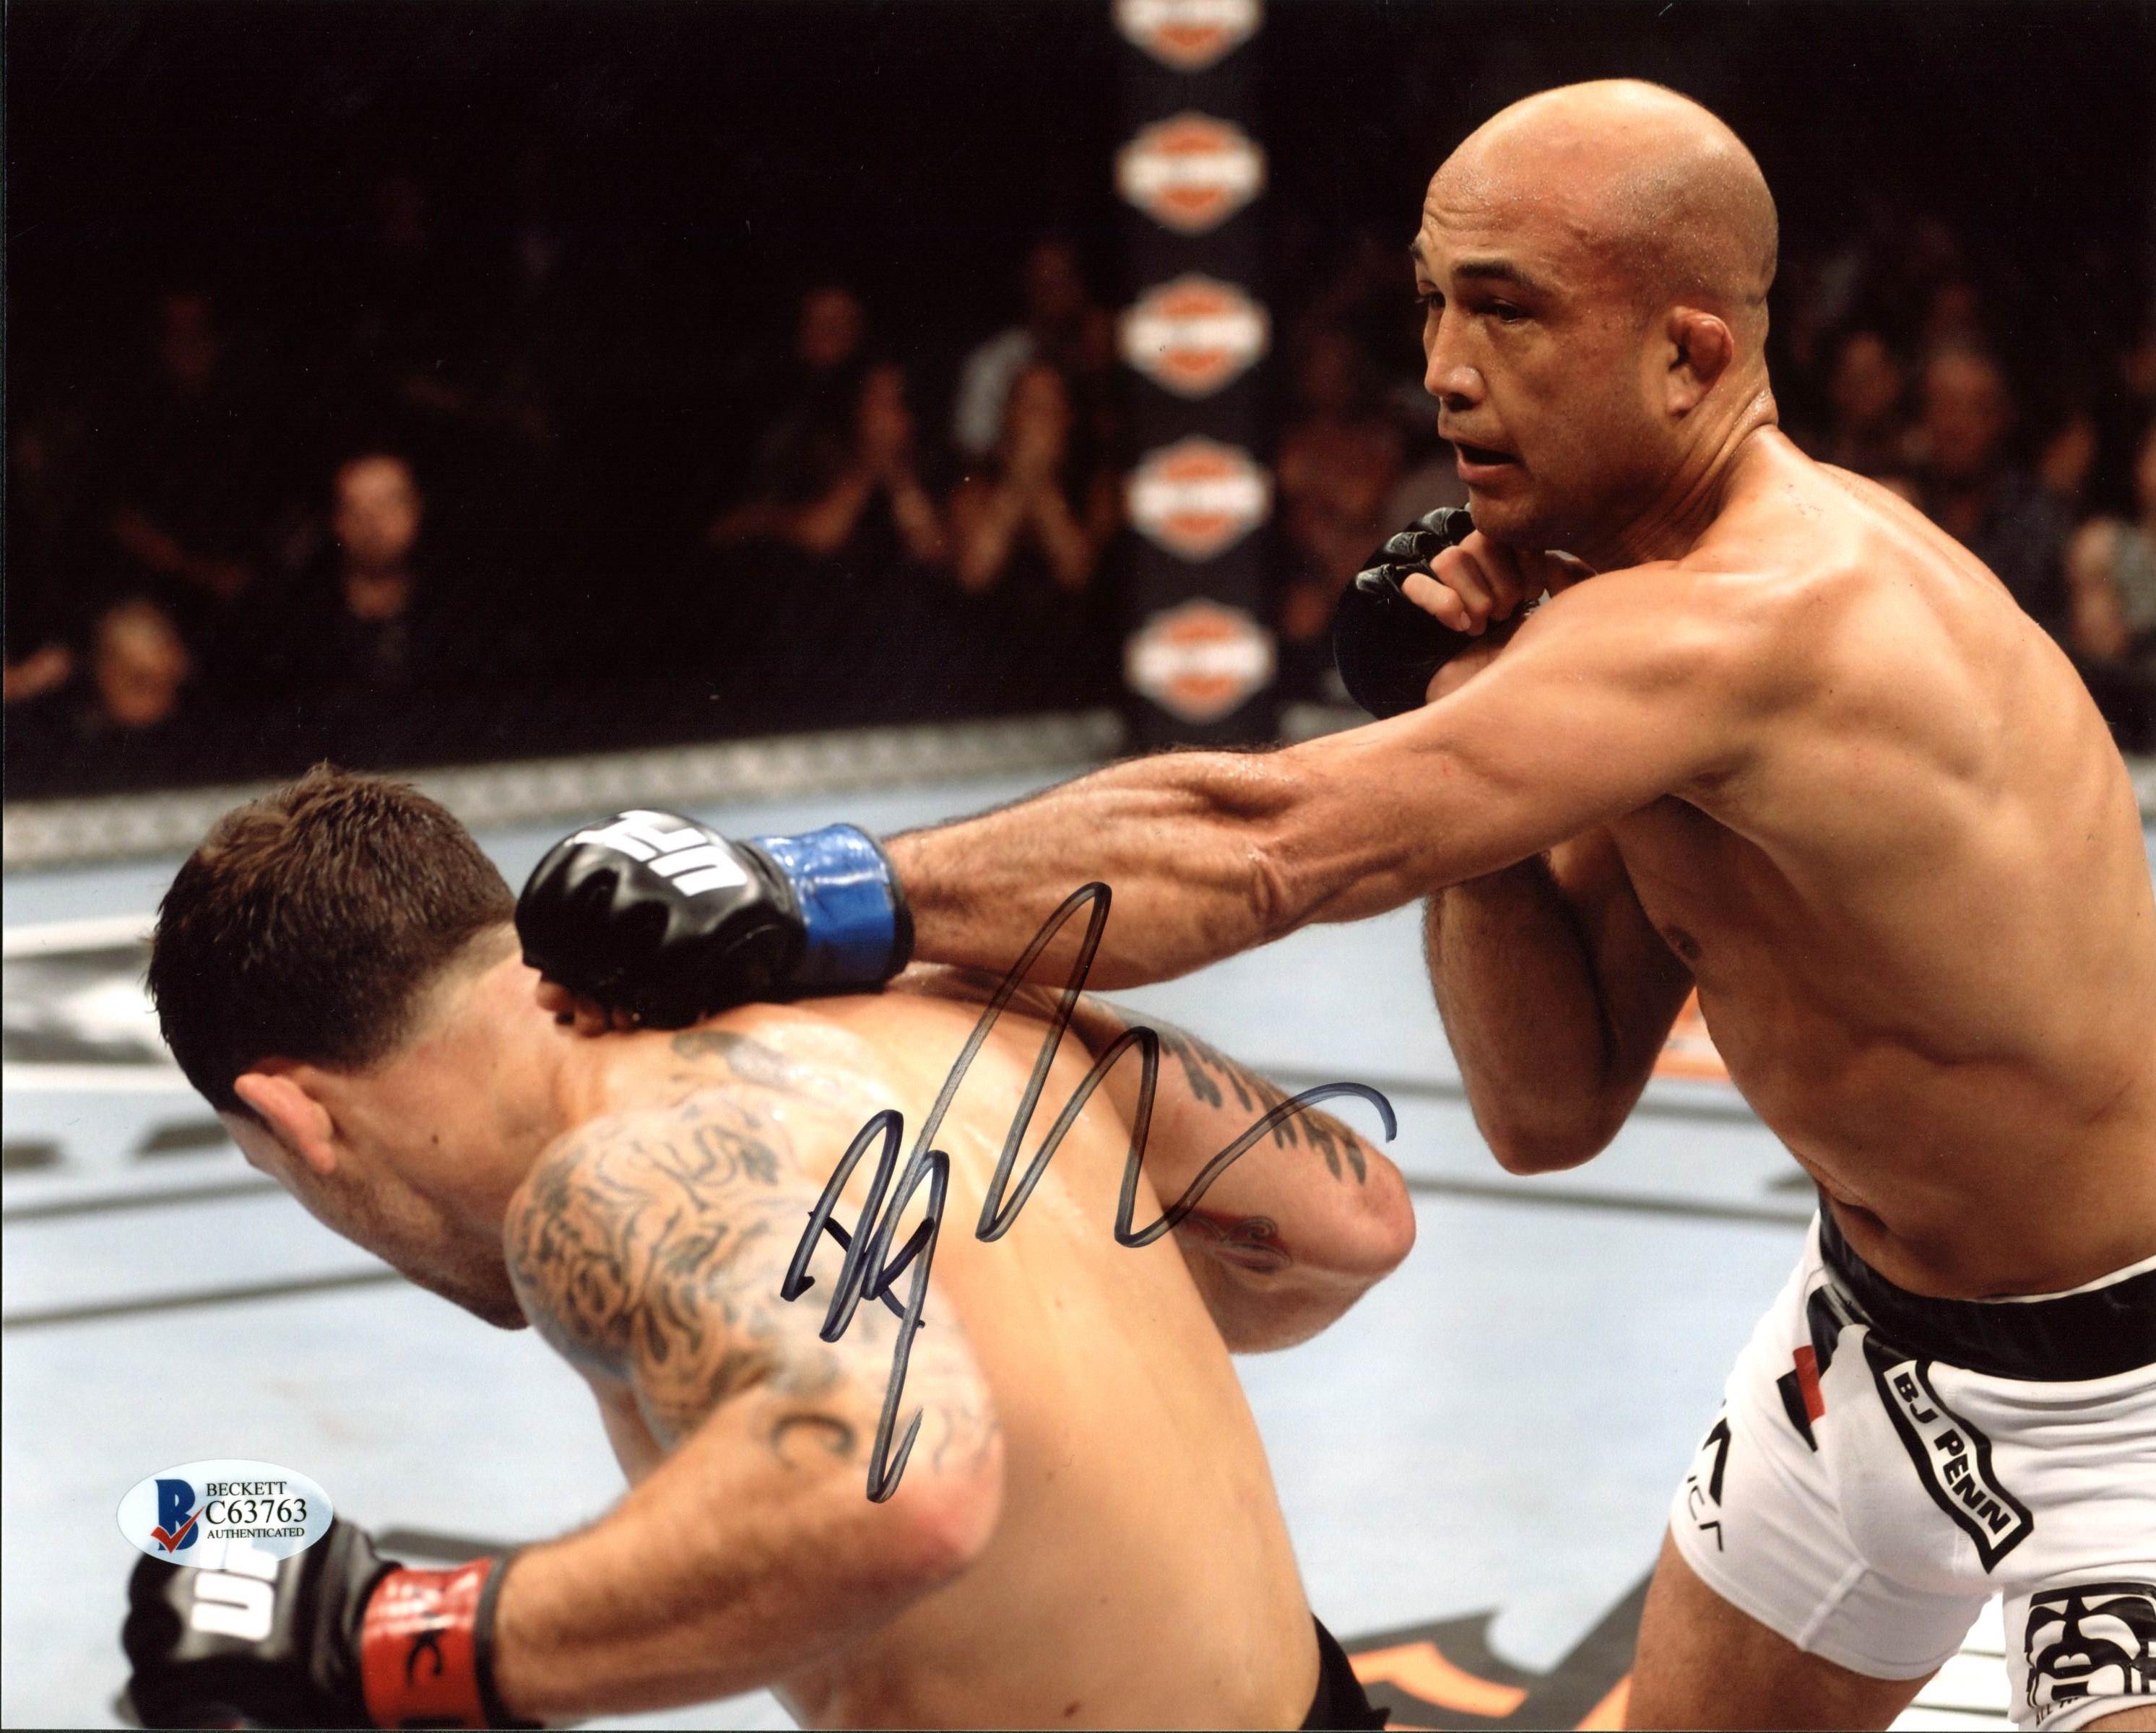 Conor McGregor UFC Authentic Signed 8x10 Photo Autographed BAS #D17662